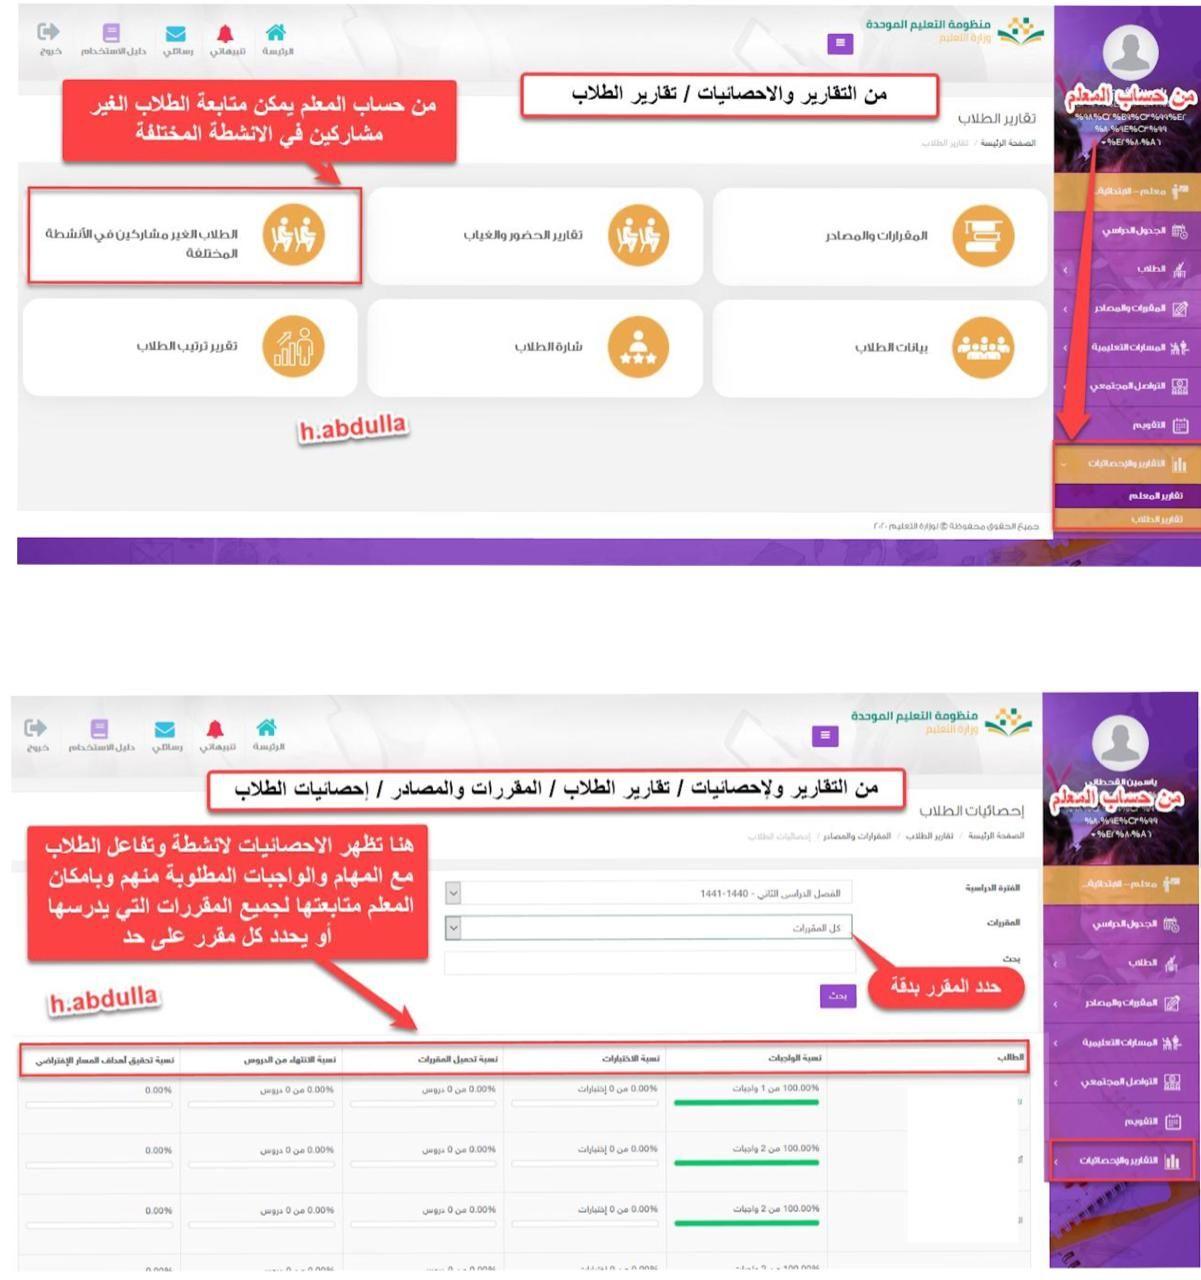 طريقة متابعة انشطة الطلاب المشاركين وغير مشاركين وتفاعلهم في واجبات والاثراءت في منظومة التعليم بصور Map Map Screenshot